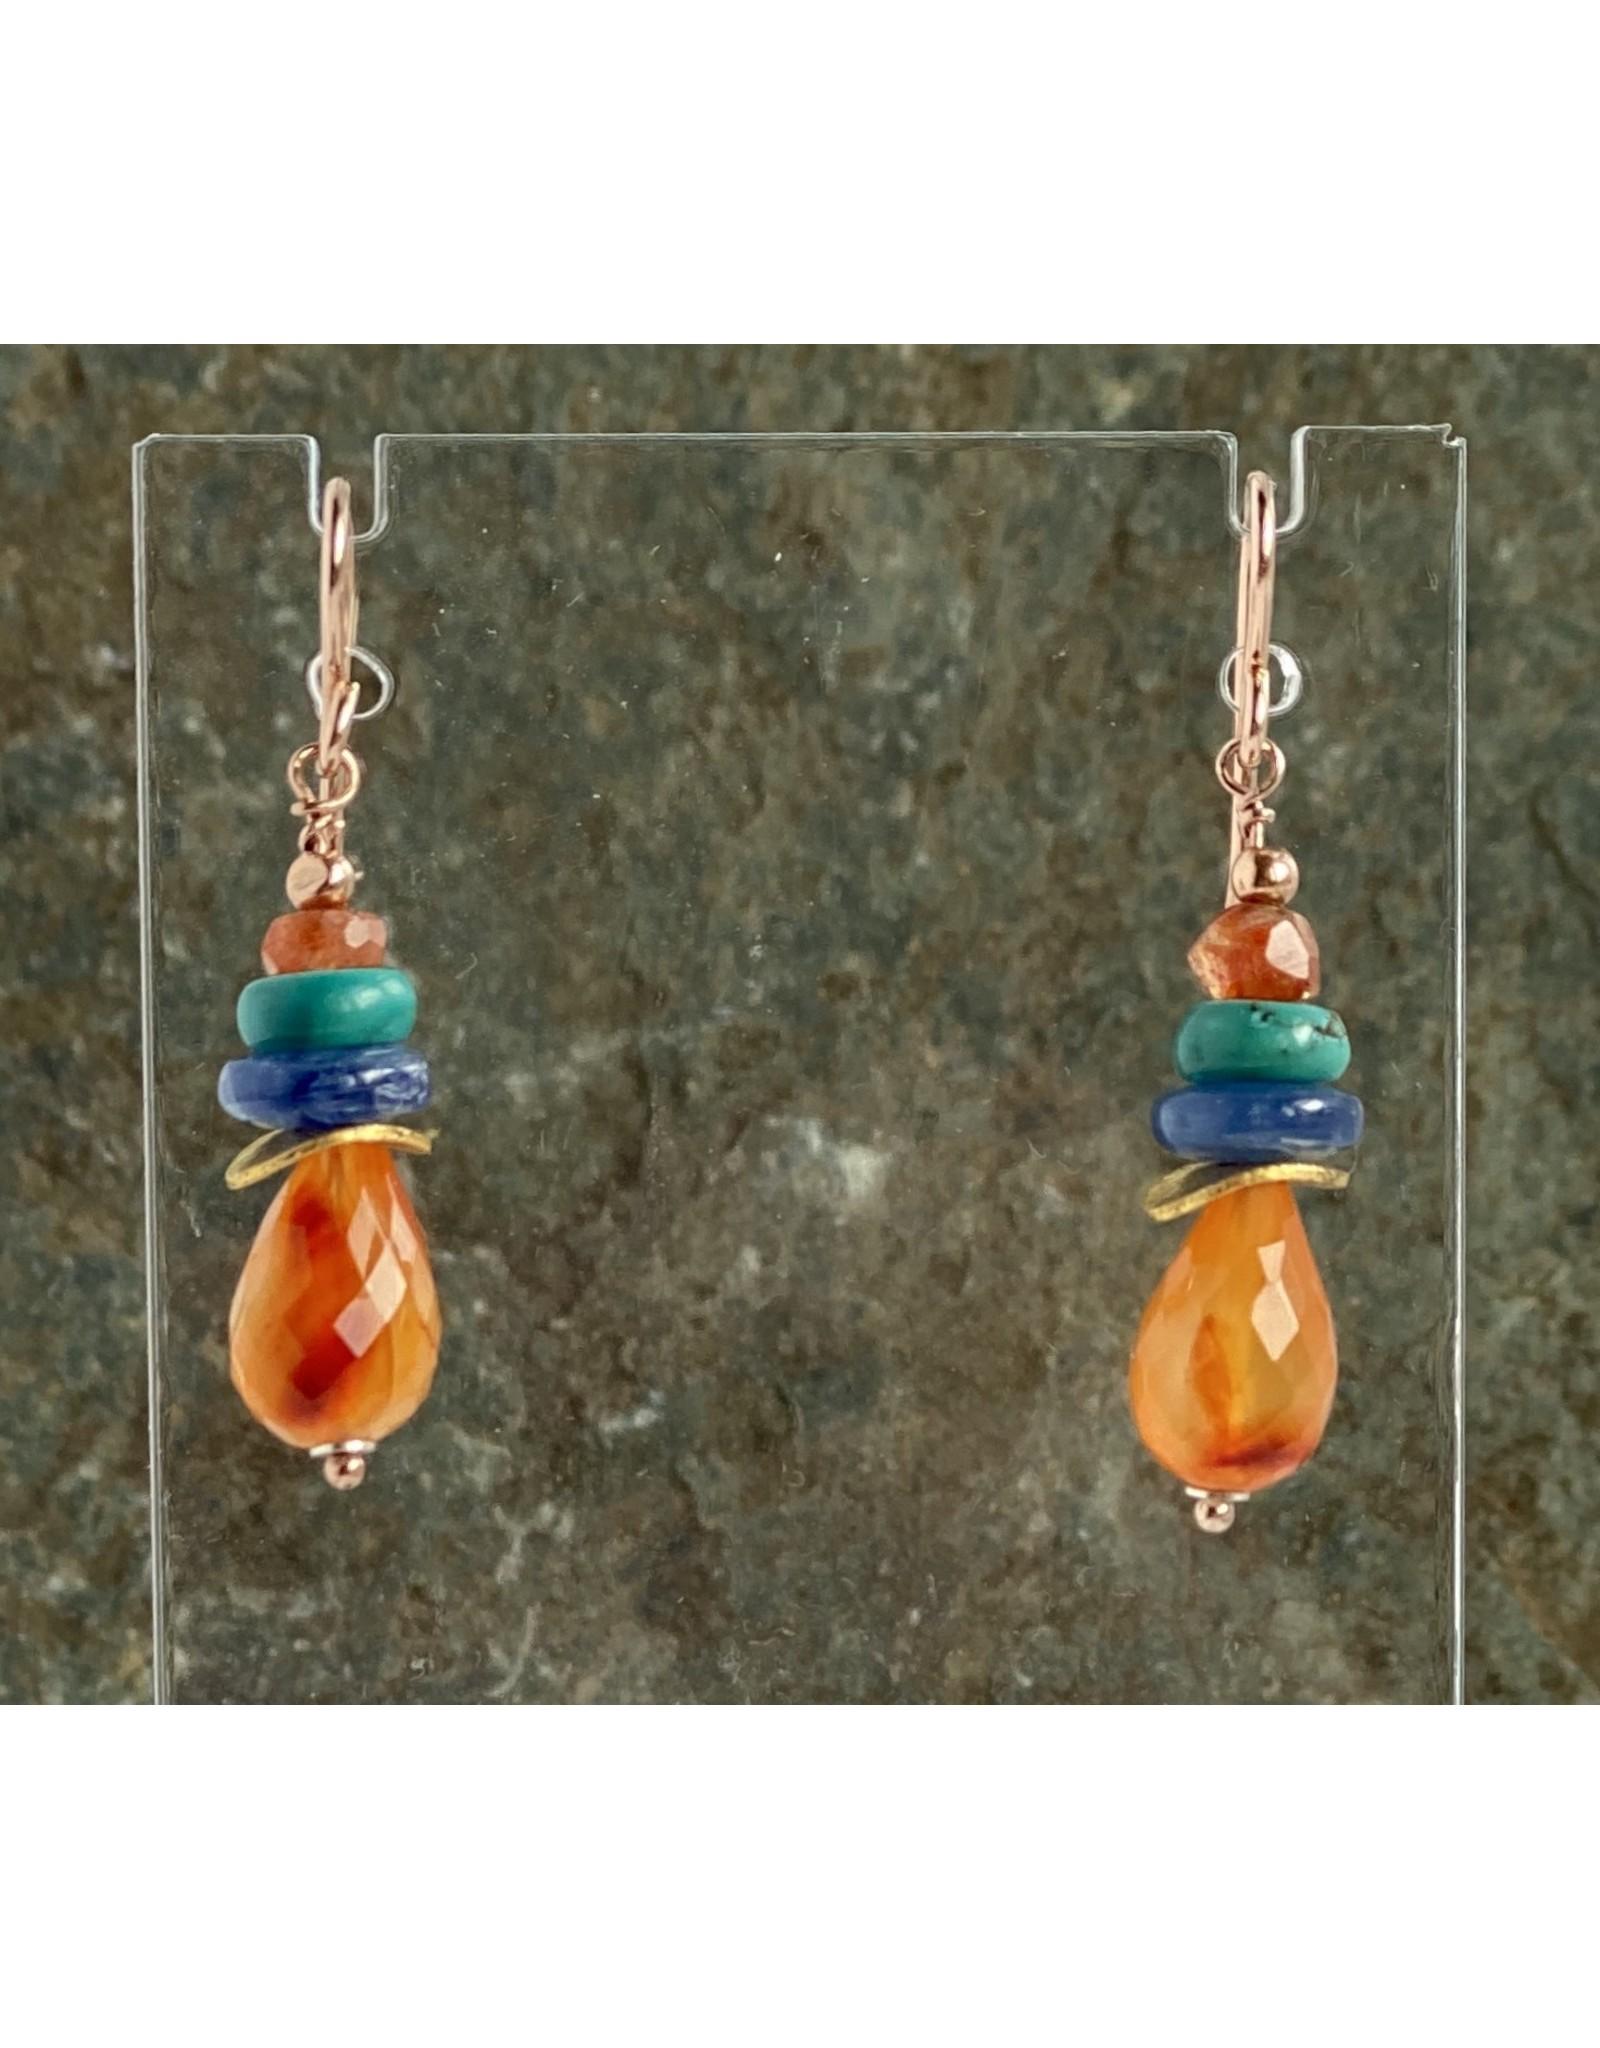 Moondance Earrings Carnelian, Kyanite, Turquoise, Sunstone & 14k gold&rose-gold-fill